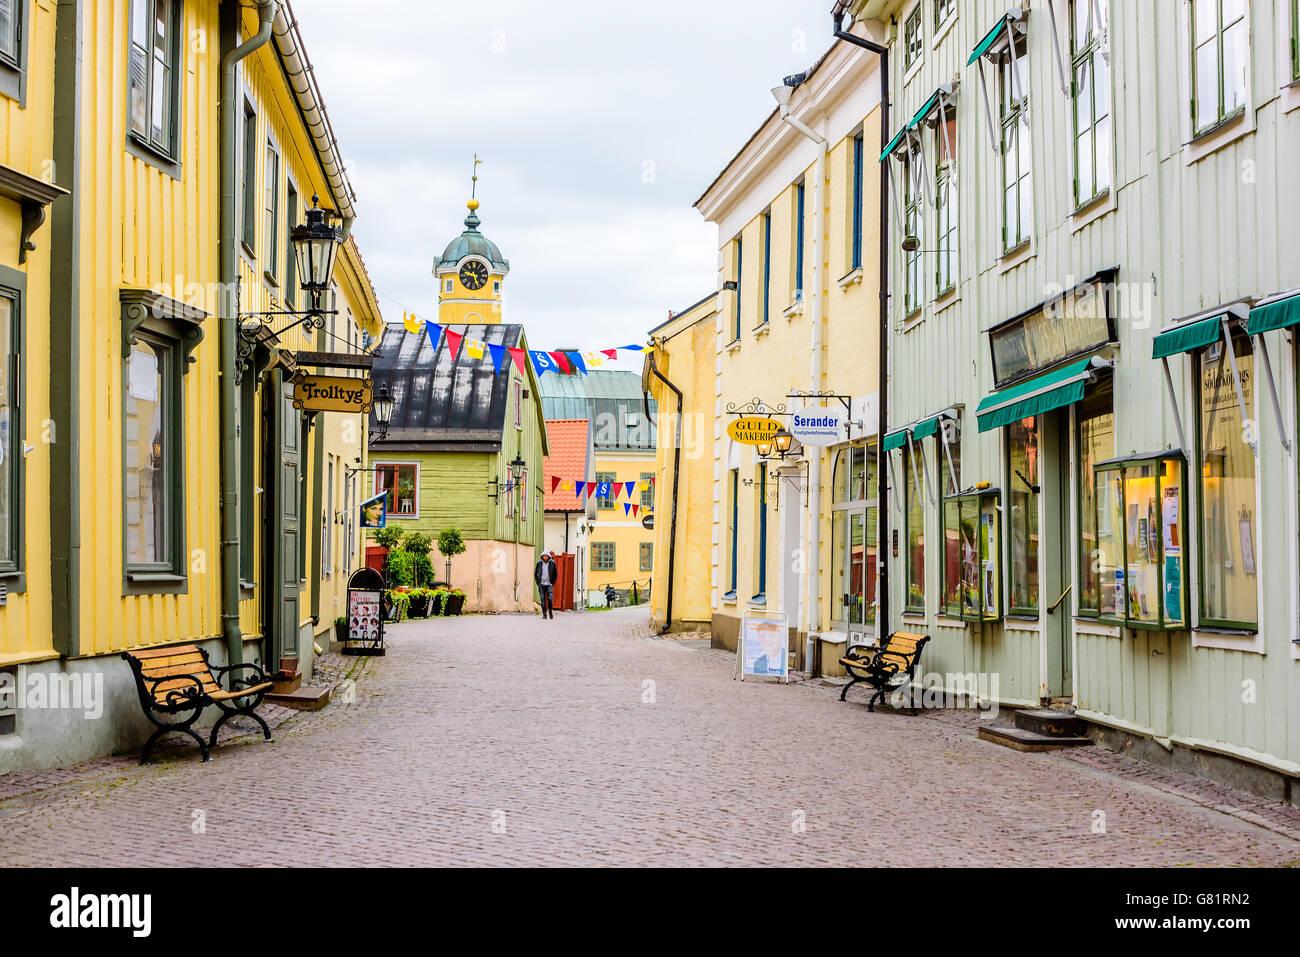 Yr Söderköping